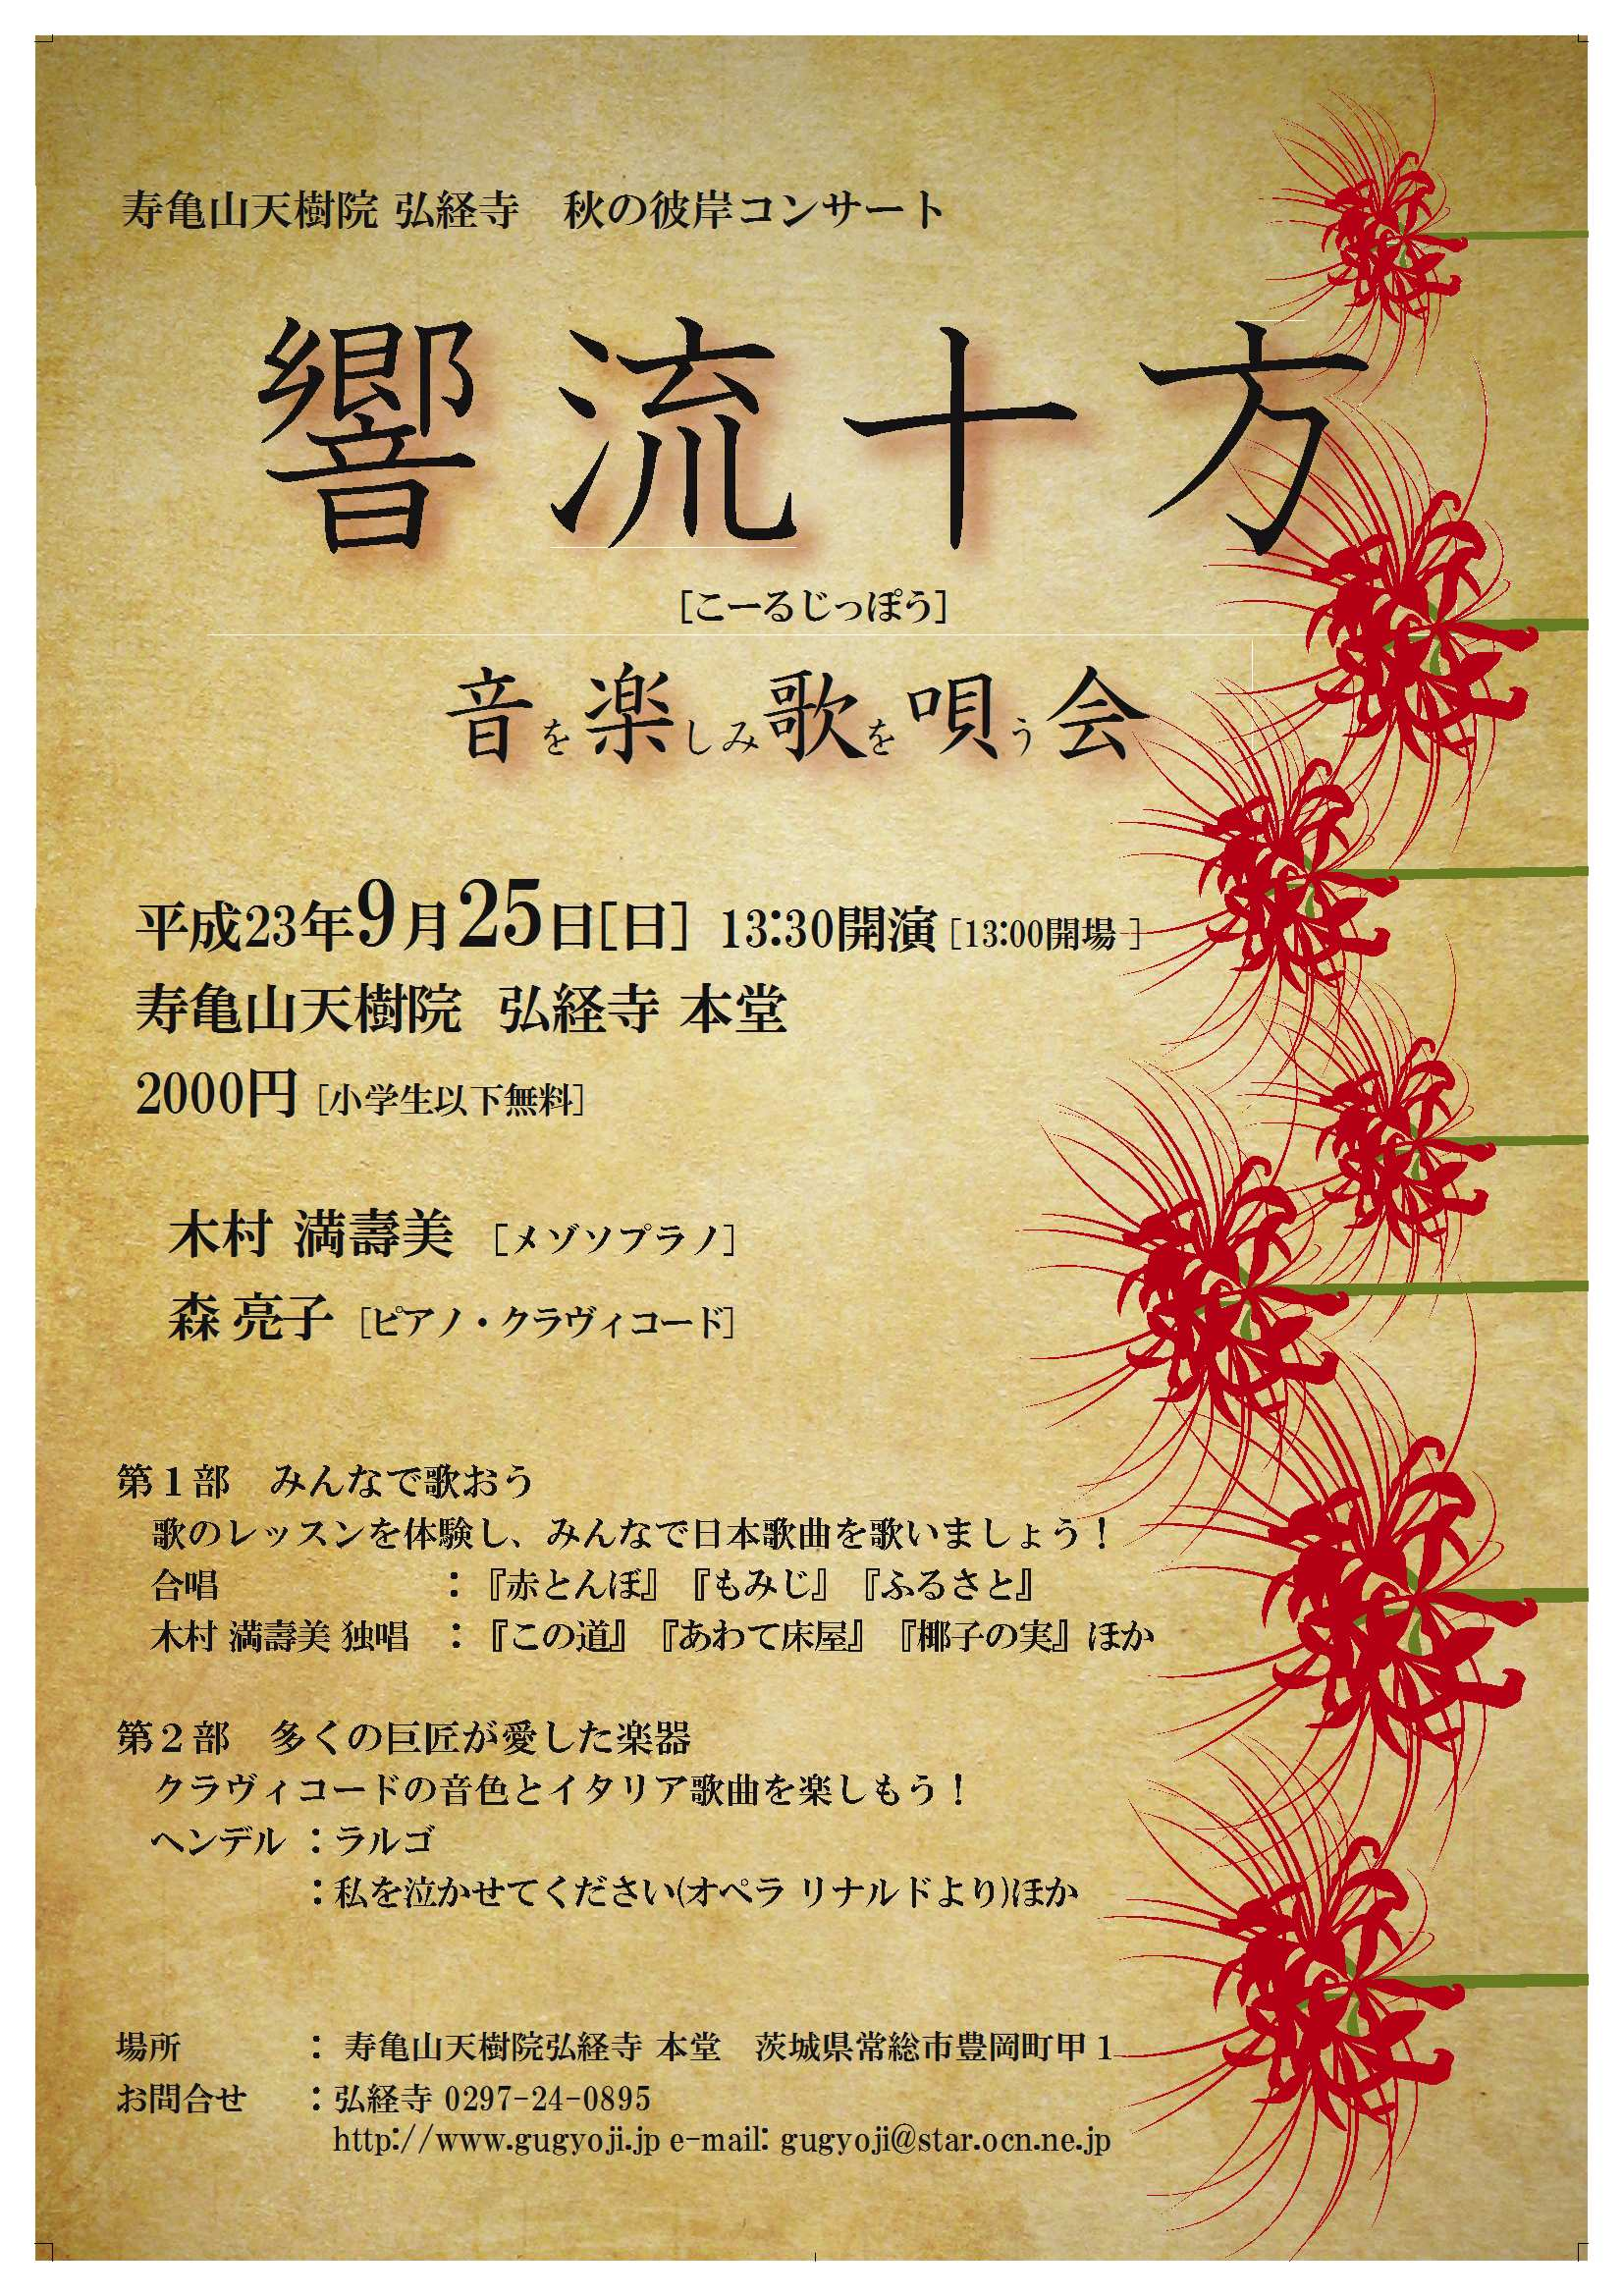 秋のお彼岸コンサートのお知らせ_c0168178_2258529.jpg